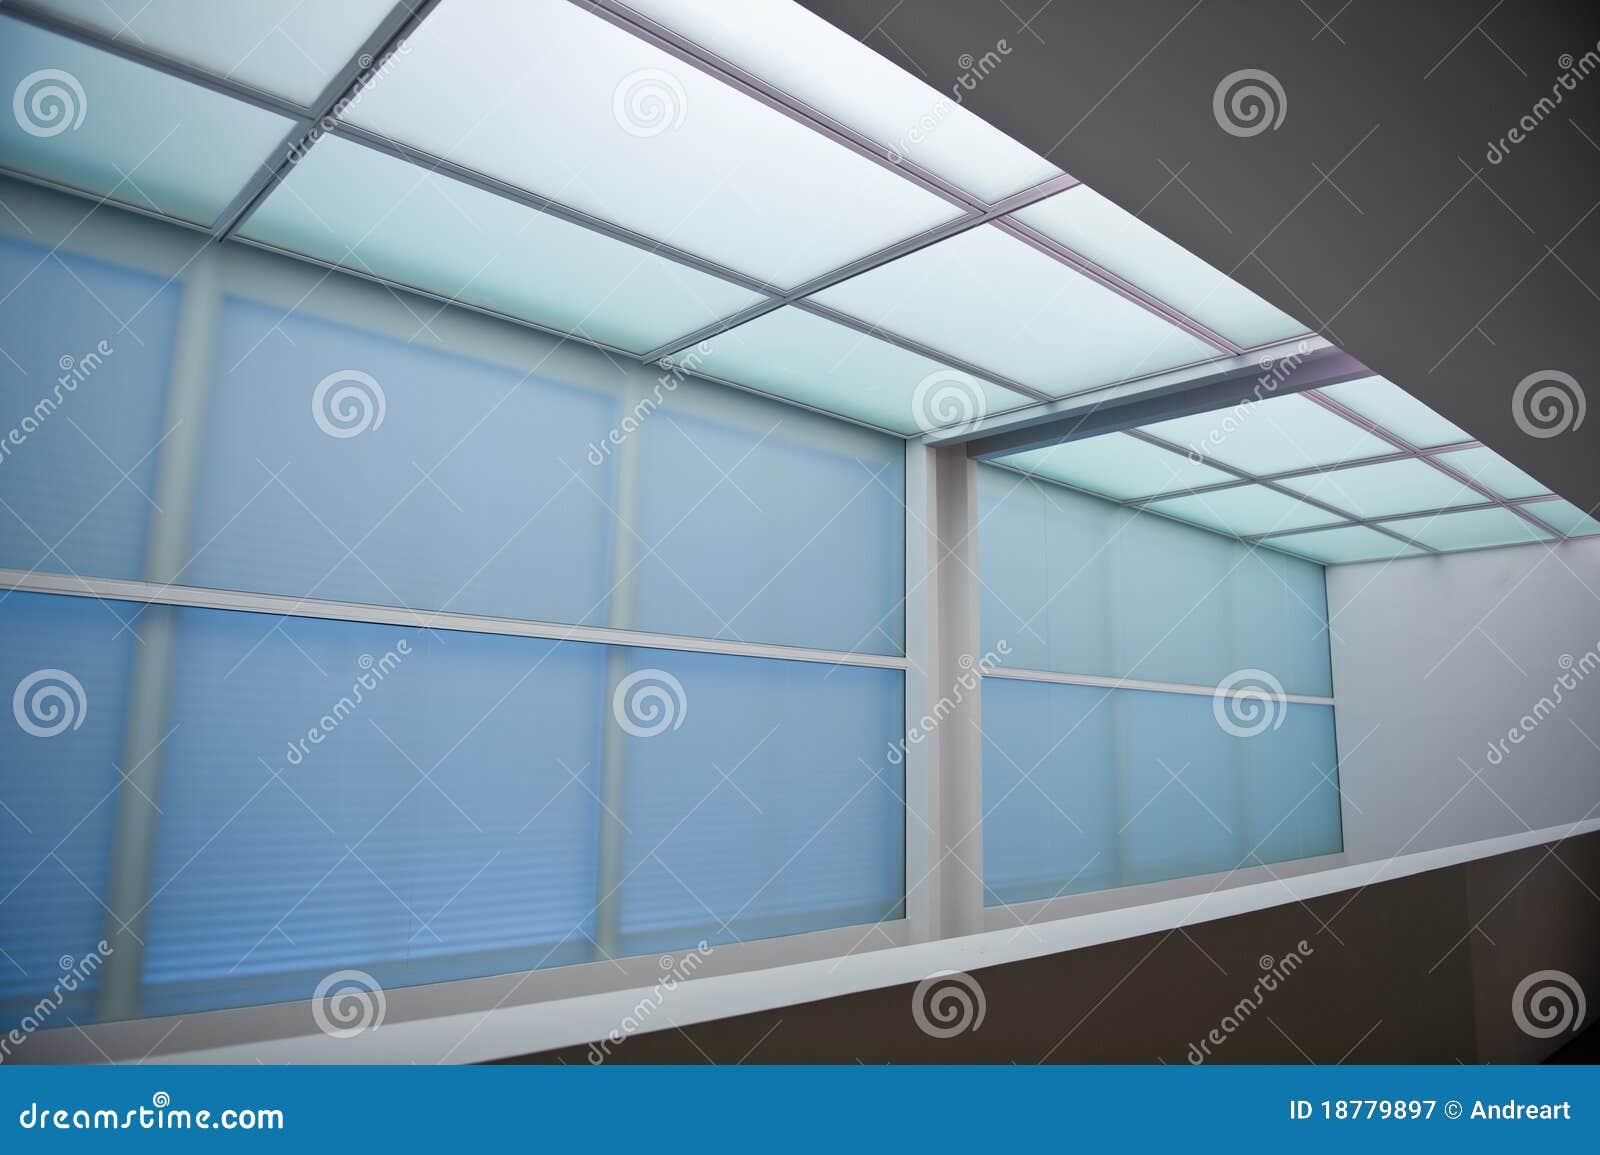 Binnenlandse in een nis gezette verlichting